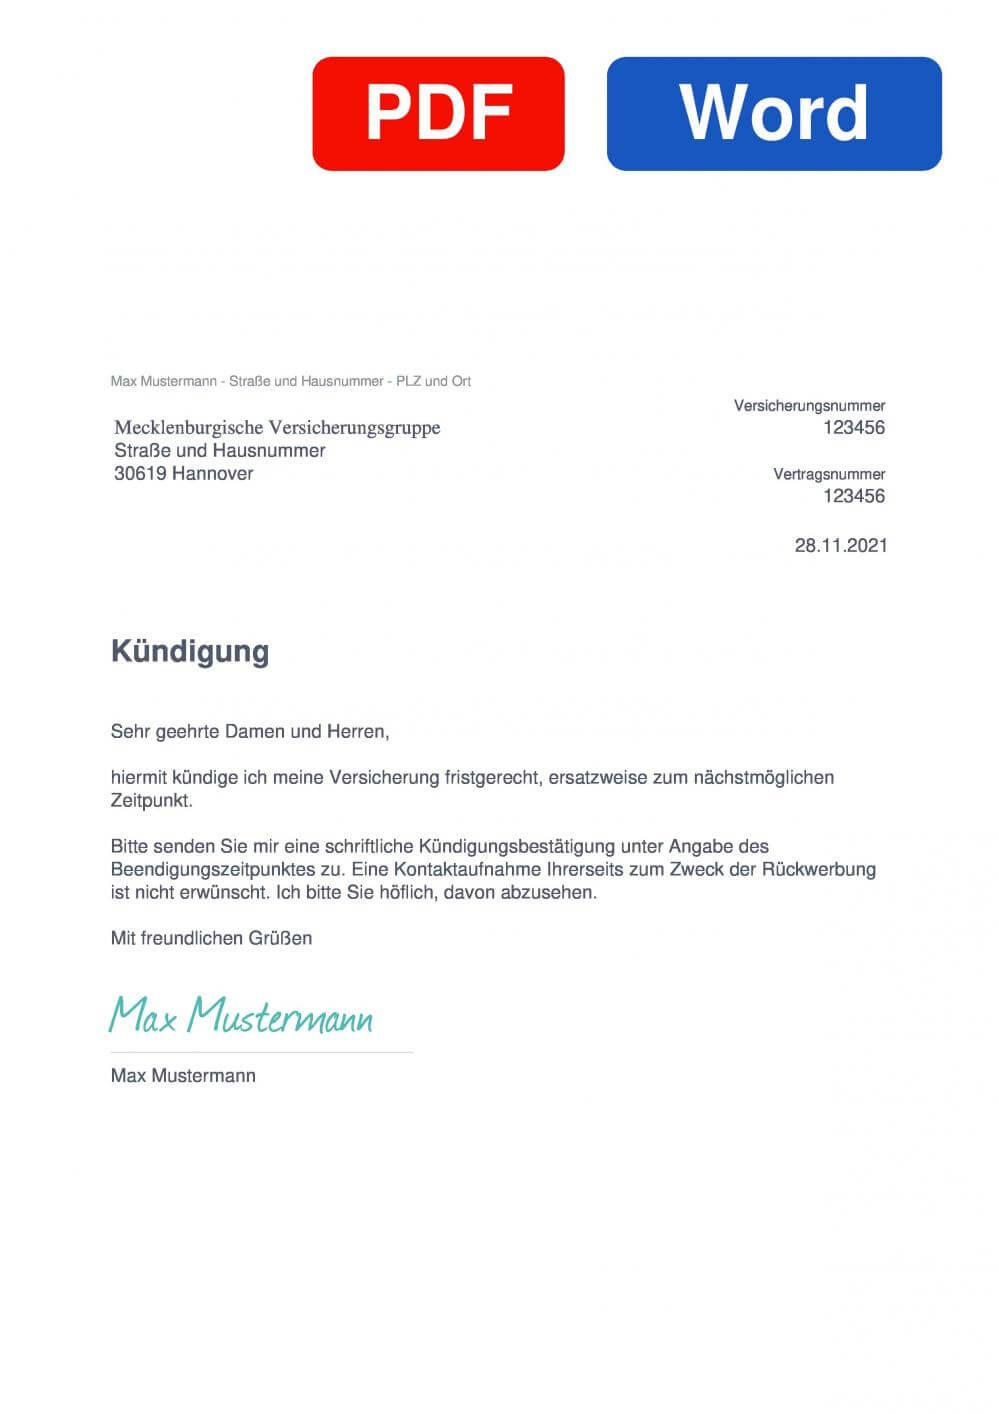 Mecklenburgische Versicherung Muster Vorlage für Kündigungsschreiben